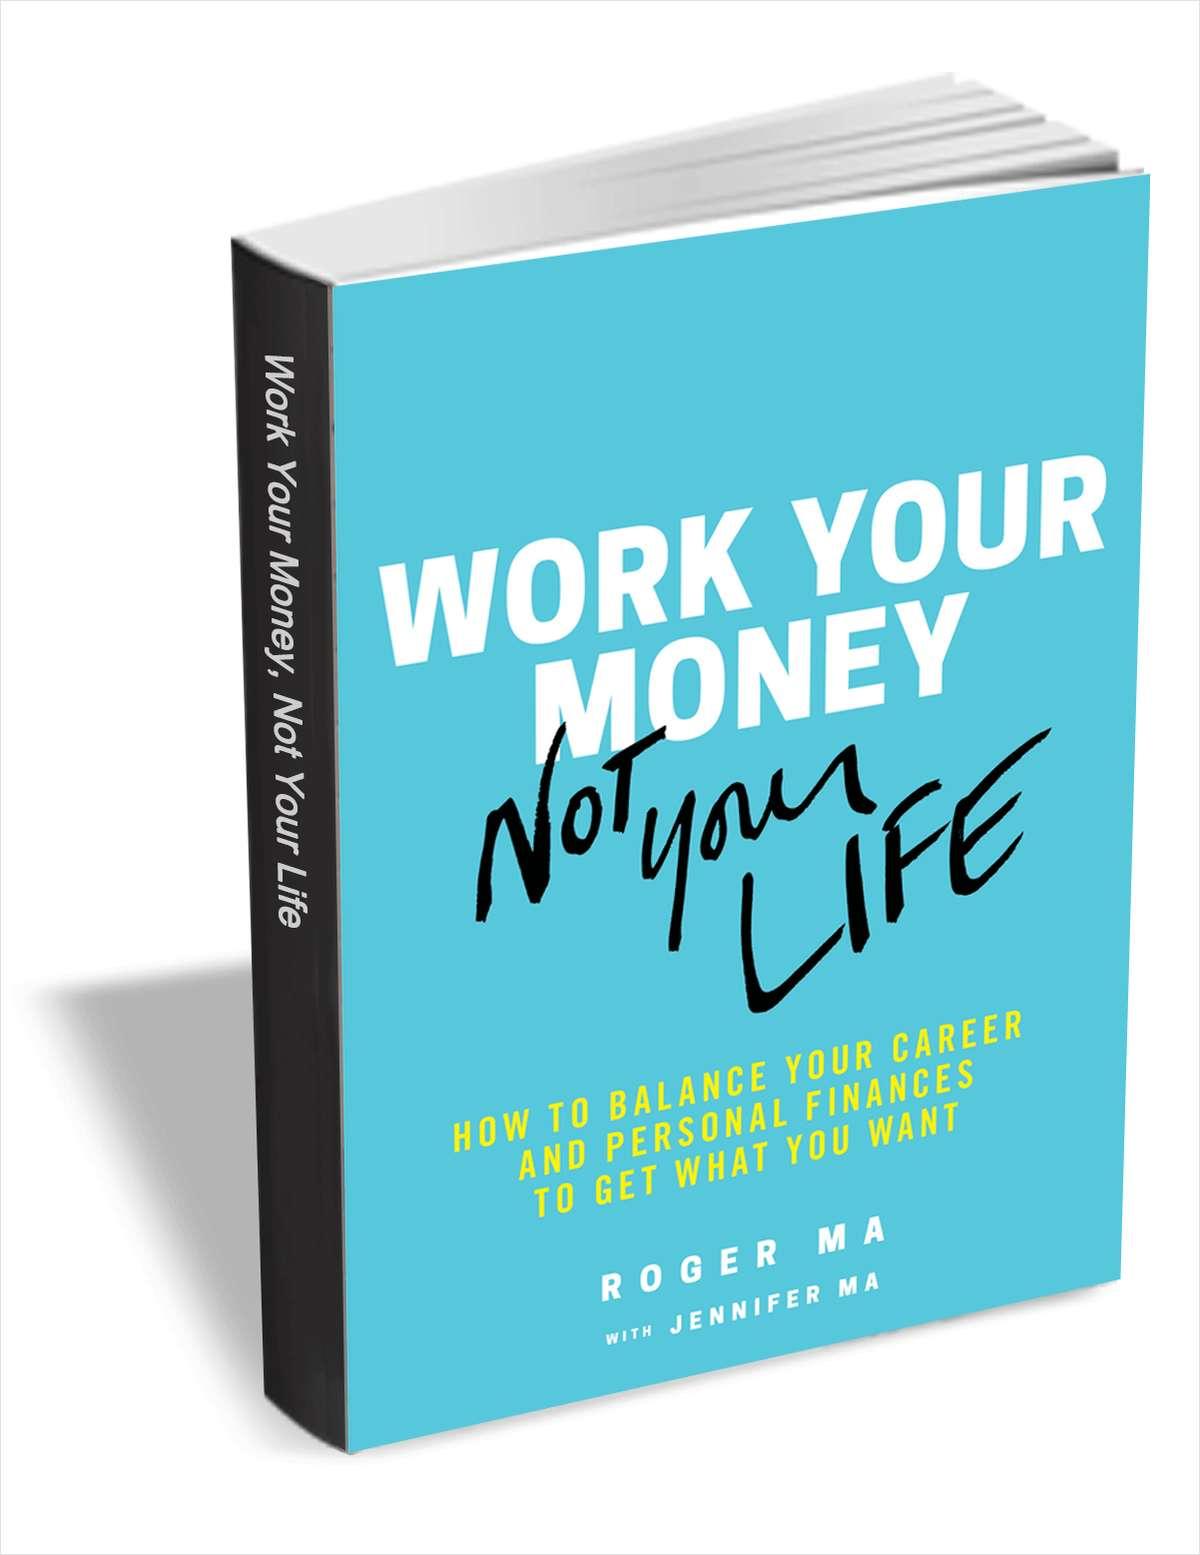 工作你的钱,而不是你的生活:如何平衡你的事业和个人财务来获得你想要的(19.95美元价值)在有限的时间内免费